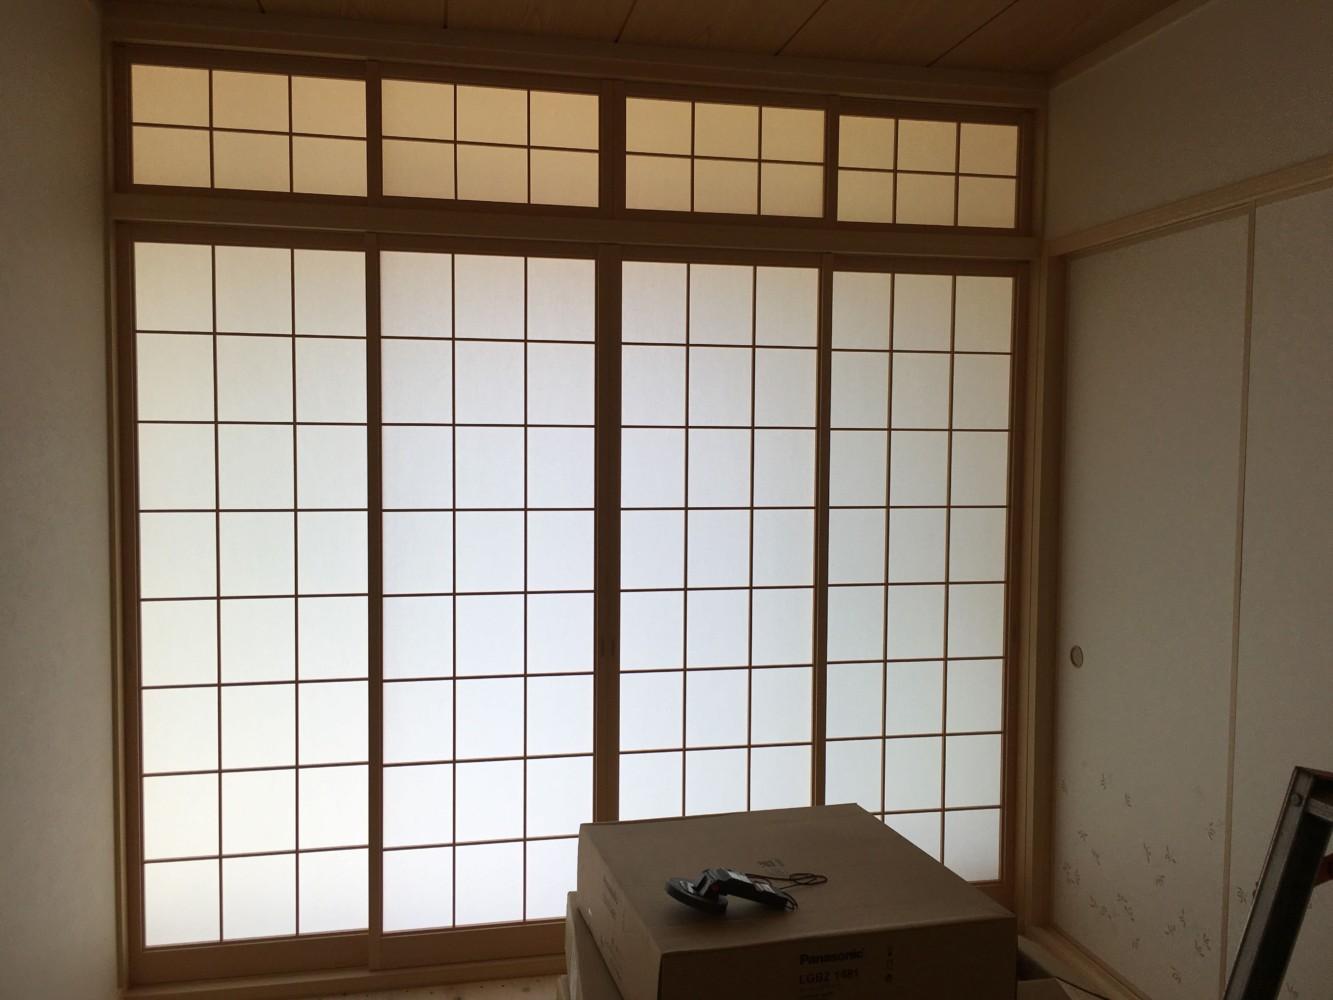 倉敷市中庄新築住宅/広縁_和室4枚引き違い障子、欄間障子